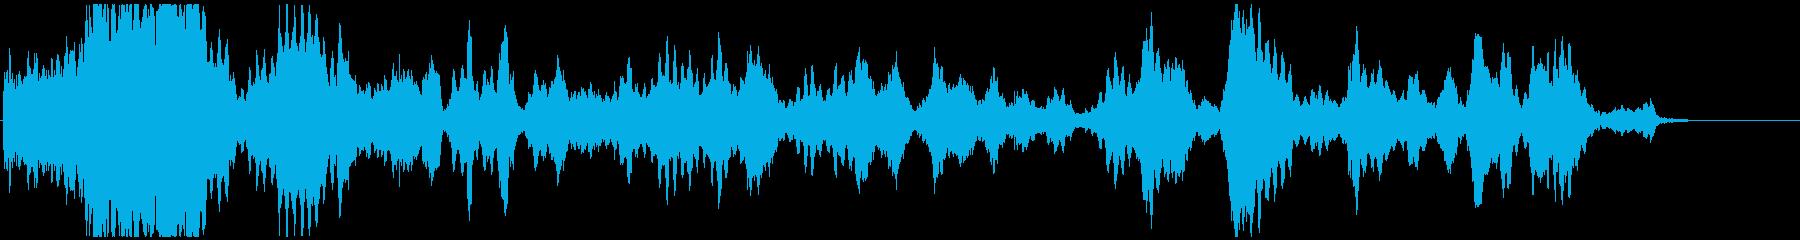 ひゅーどろどろ(浮遊音)の再生済みの波形